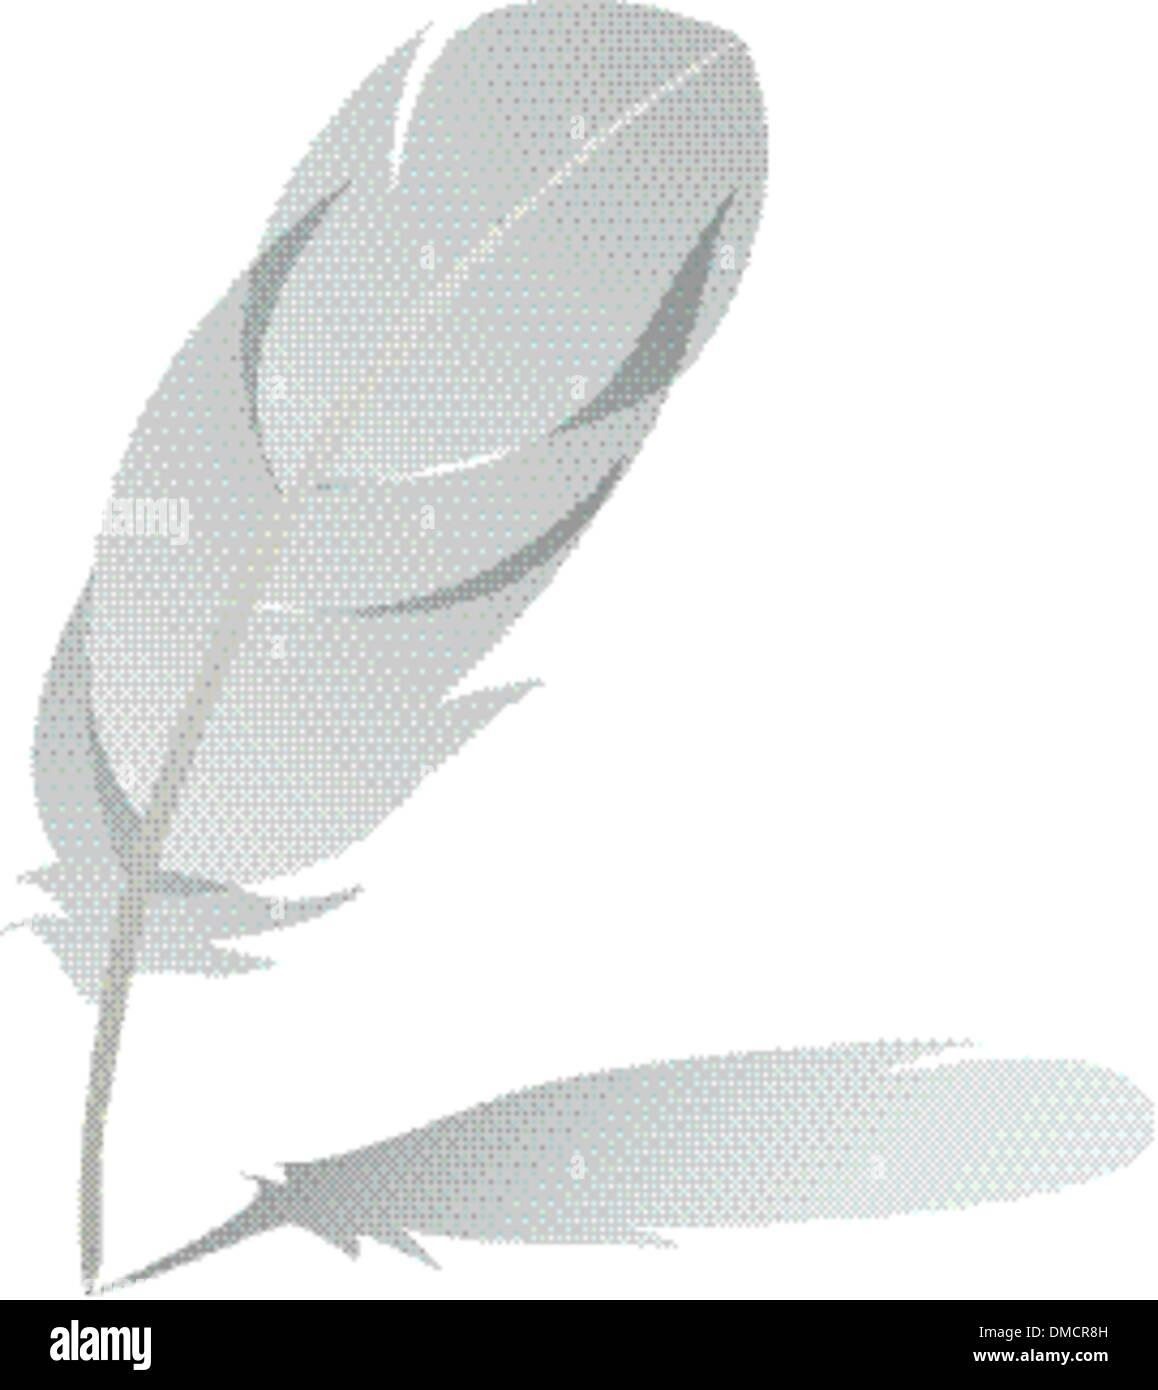 Feder mit Schatten detaillierte Vektor Stockbild